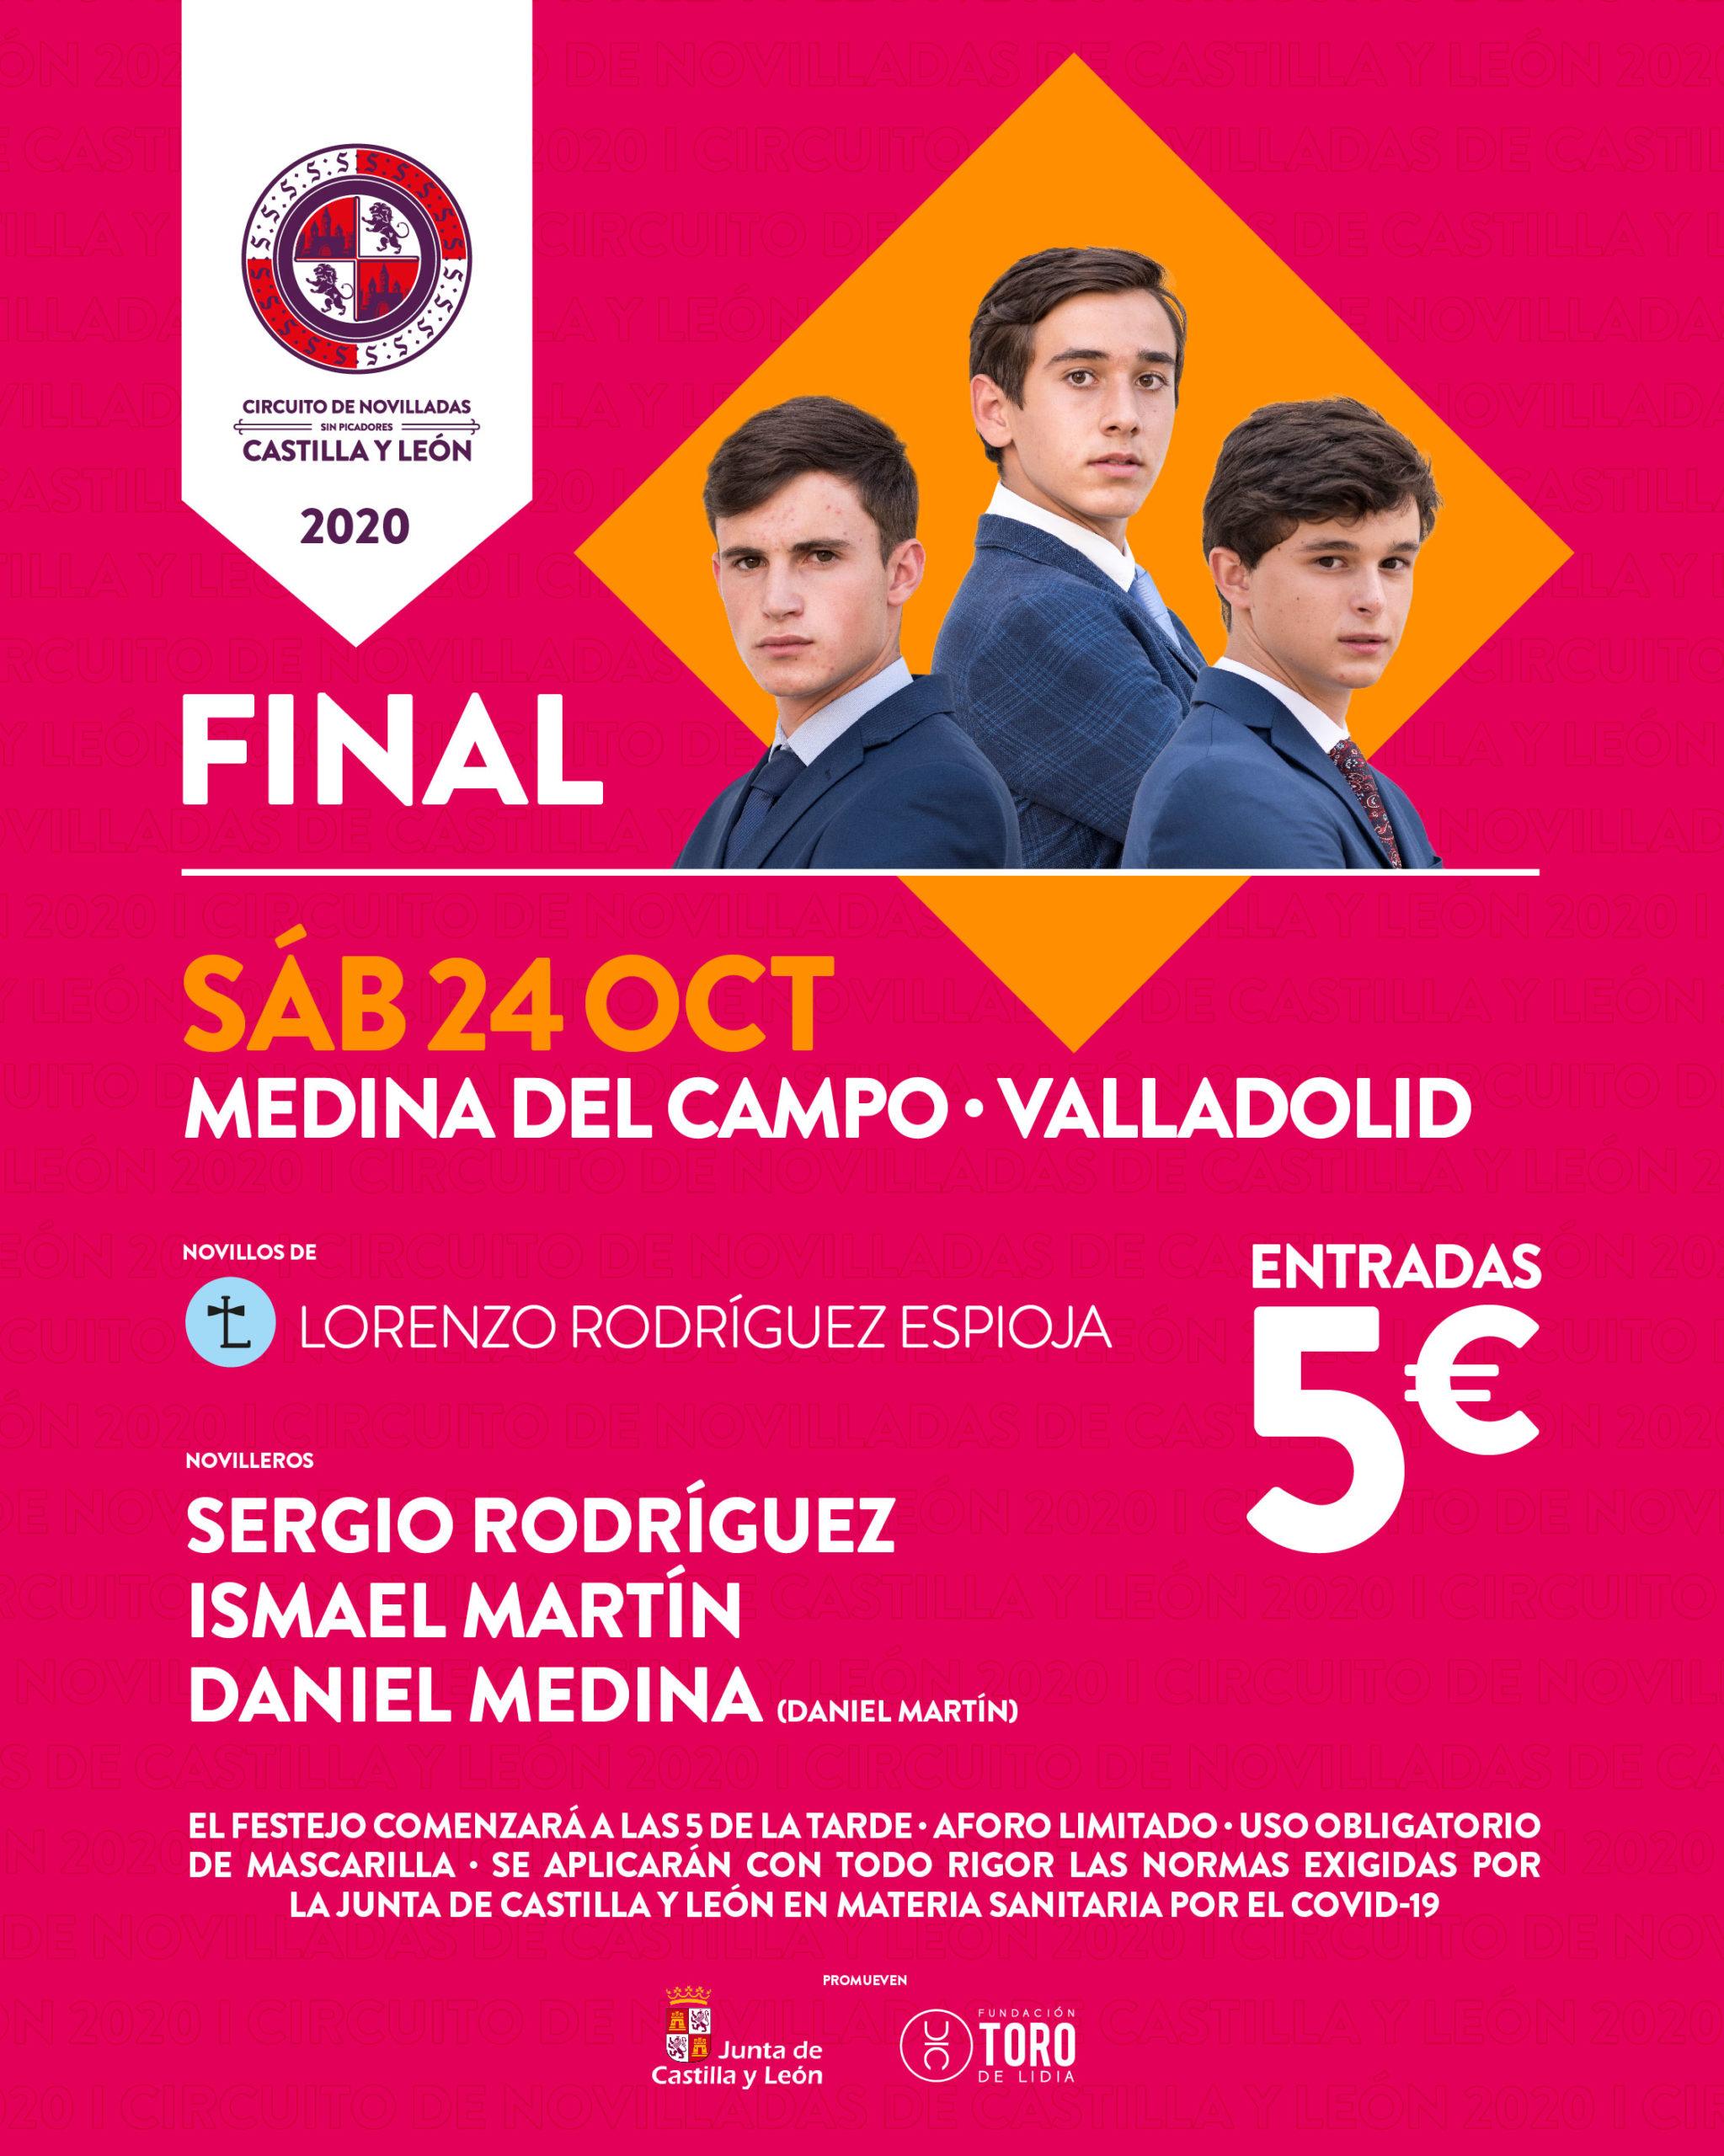 Sergio Rodríguez, Ismael Martín y Daniel Martín Medina, finalistas del Circuito de Novilladas sin picadores de Castilla y León